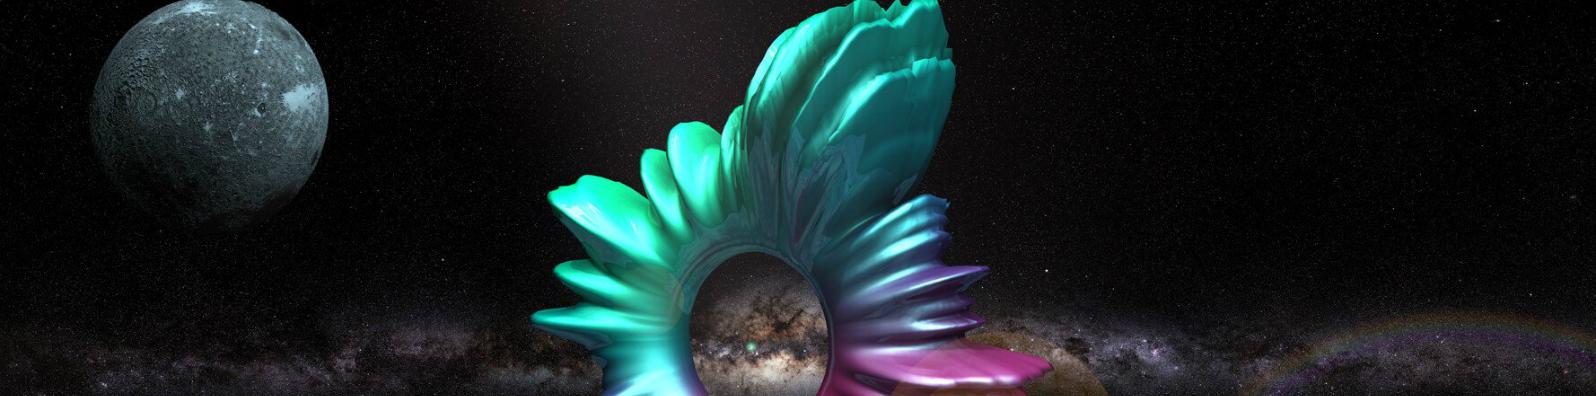 NASA O Kahkahayı Uzay Boşluğuna Bıraktı